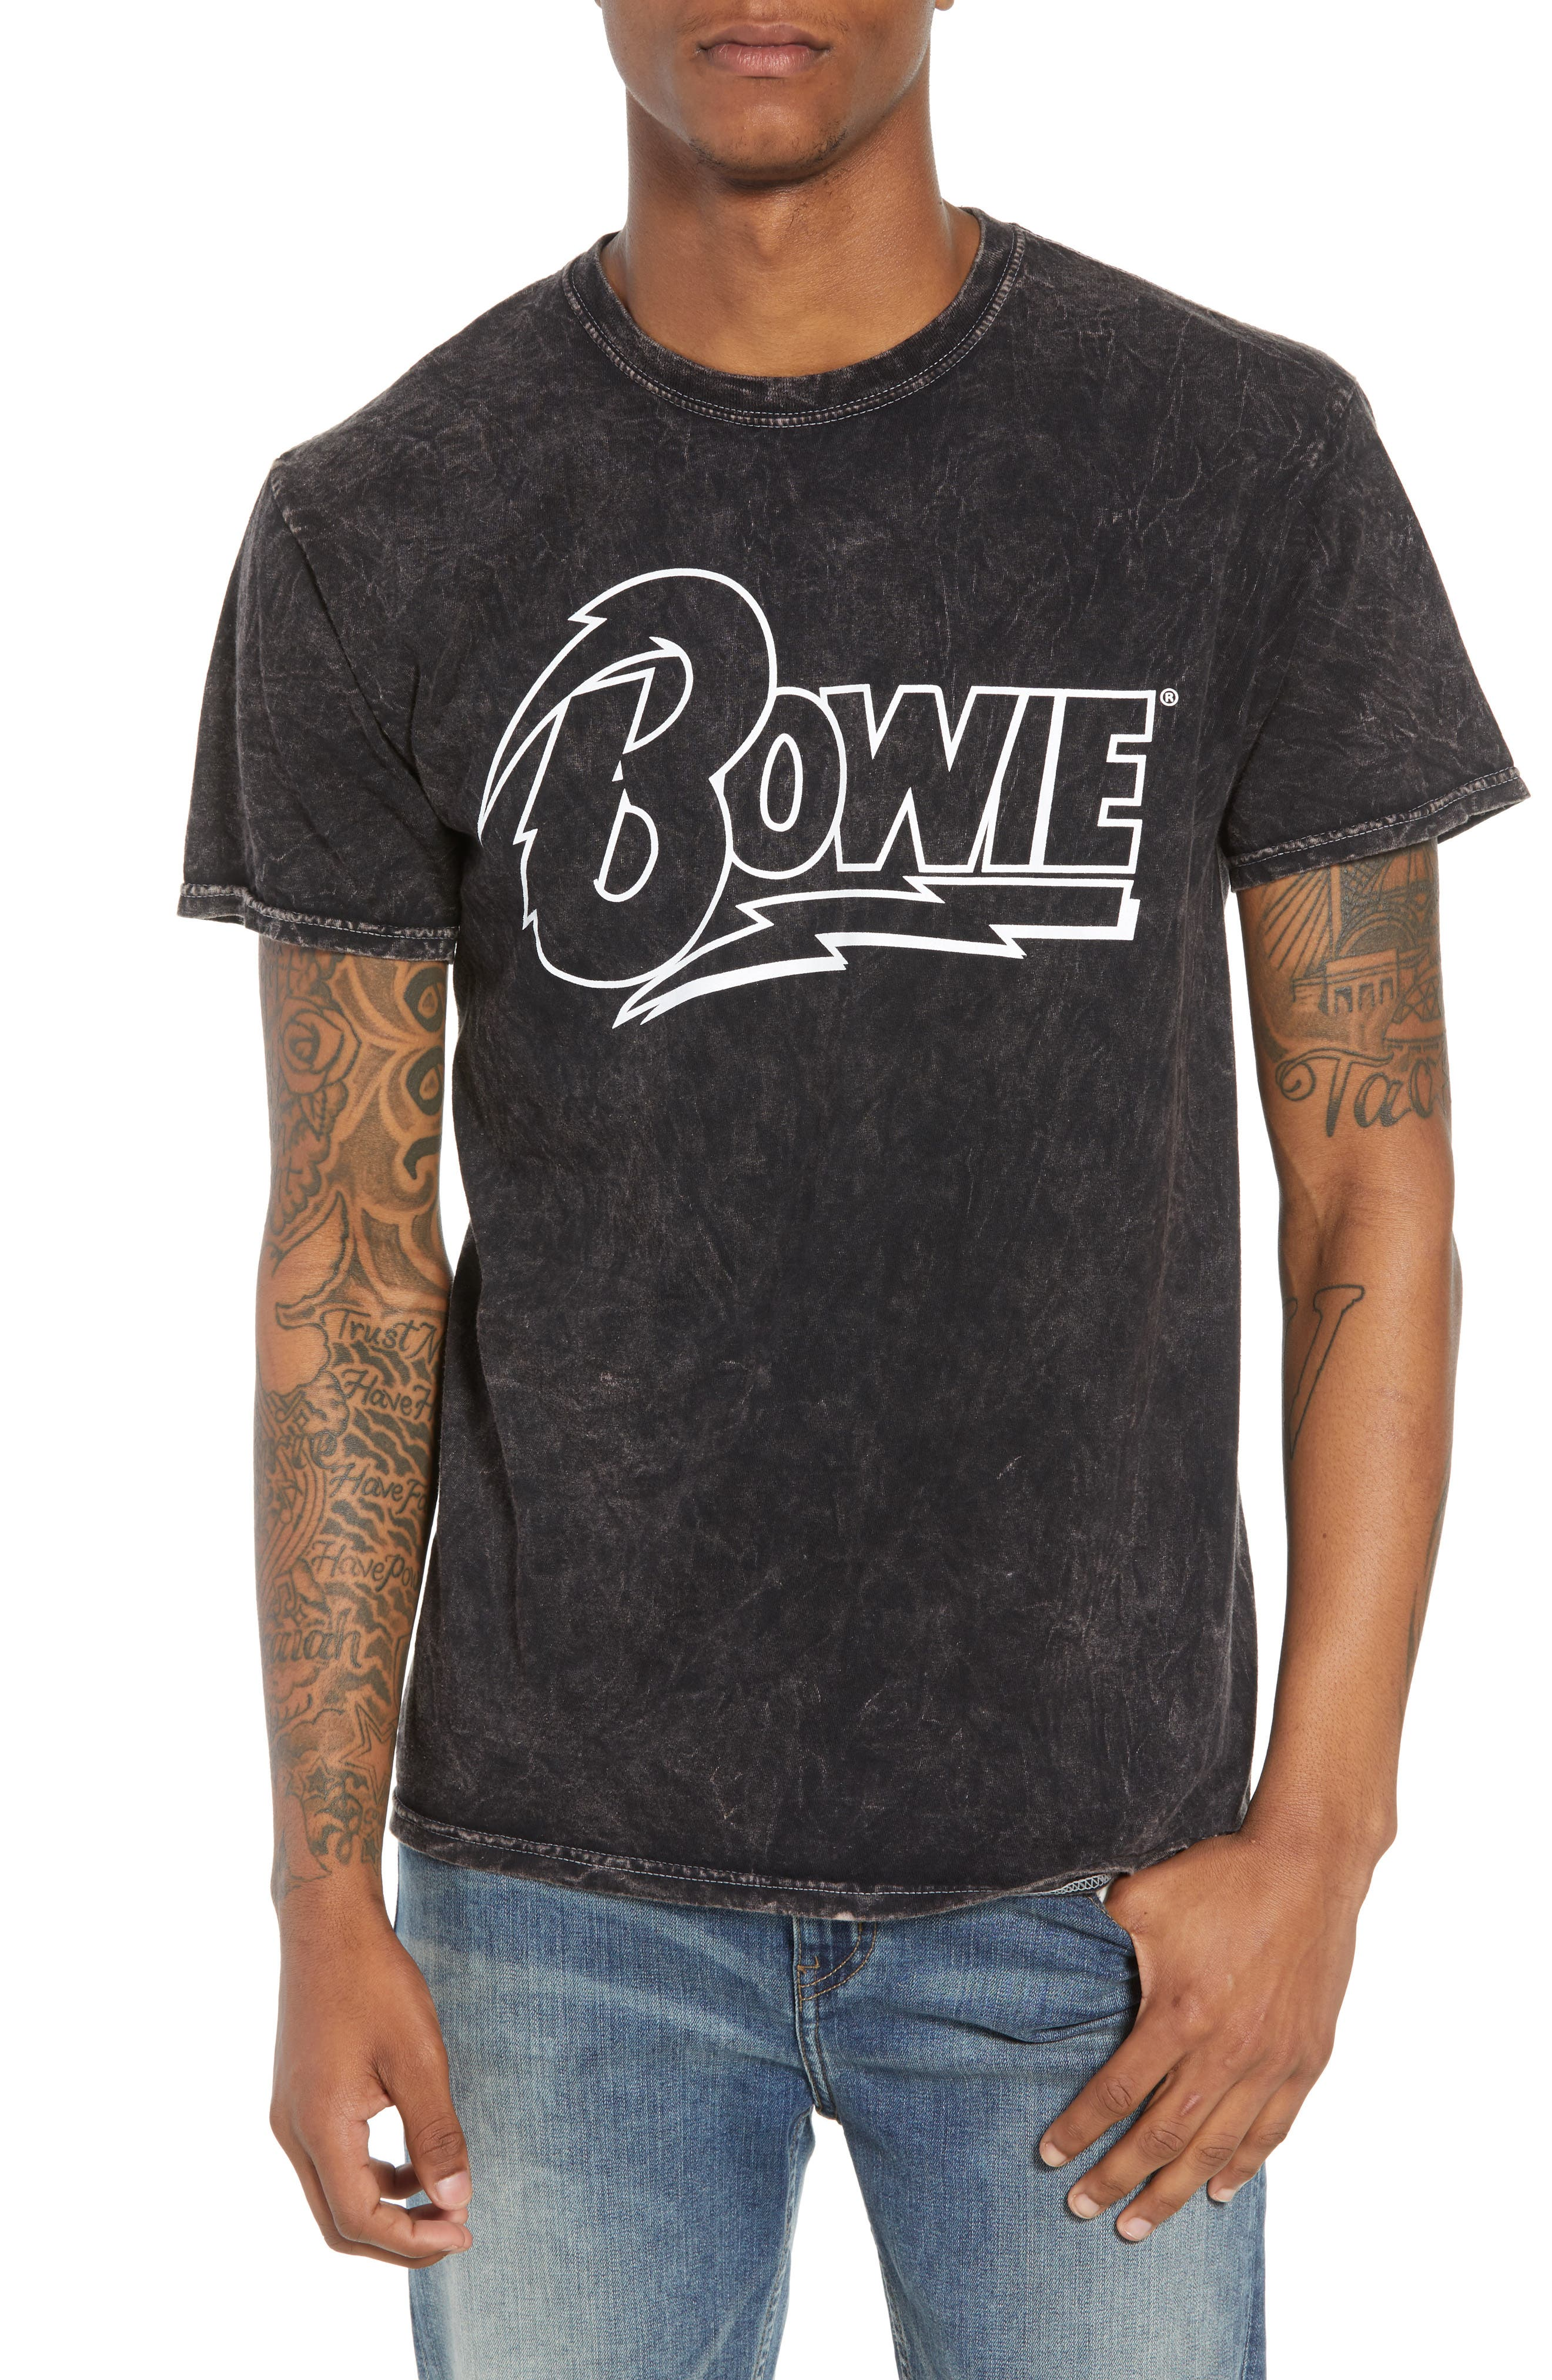 Bowie Acid Wash T-Shirt,                             Main thumbnail 1, color,                             Black Tee Bowie